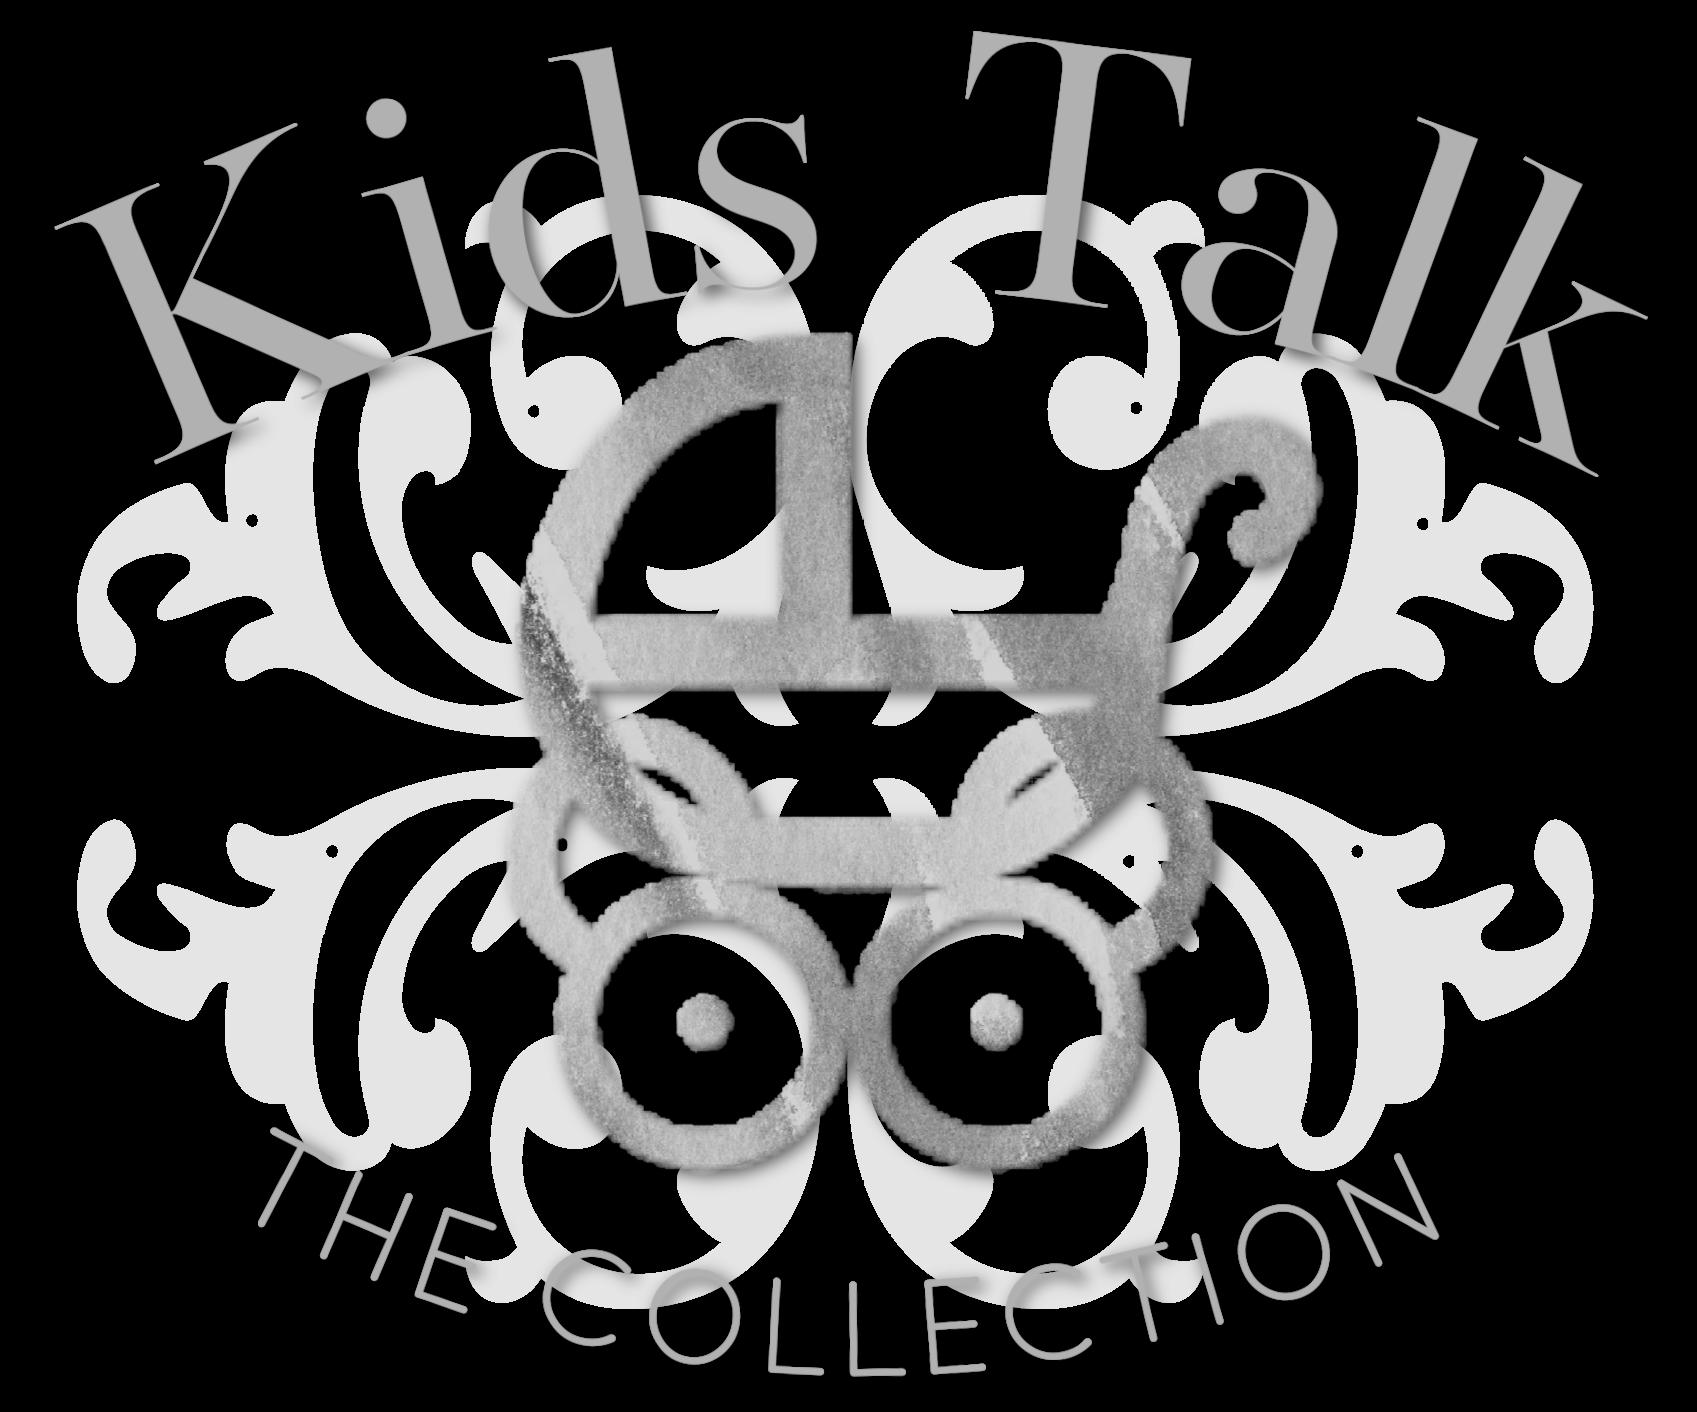 KidsTalkEstLogo copy (1)